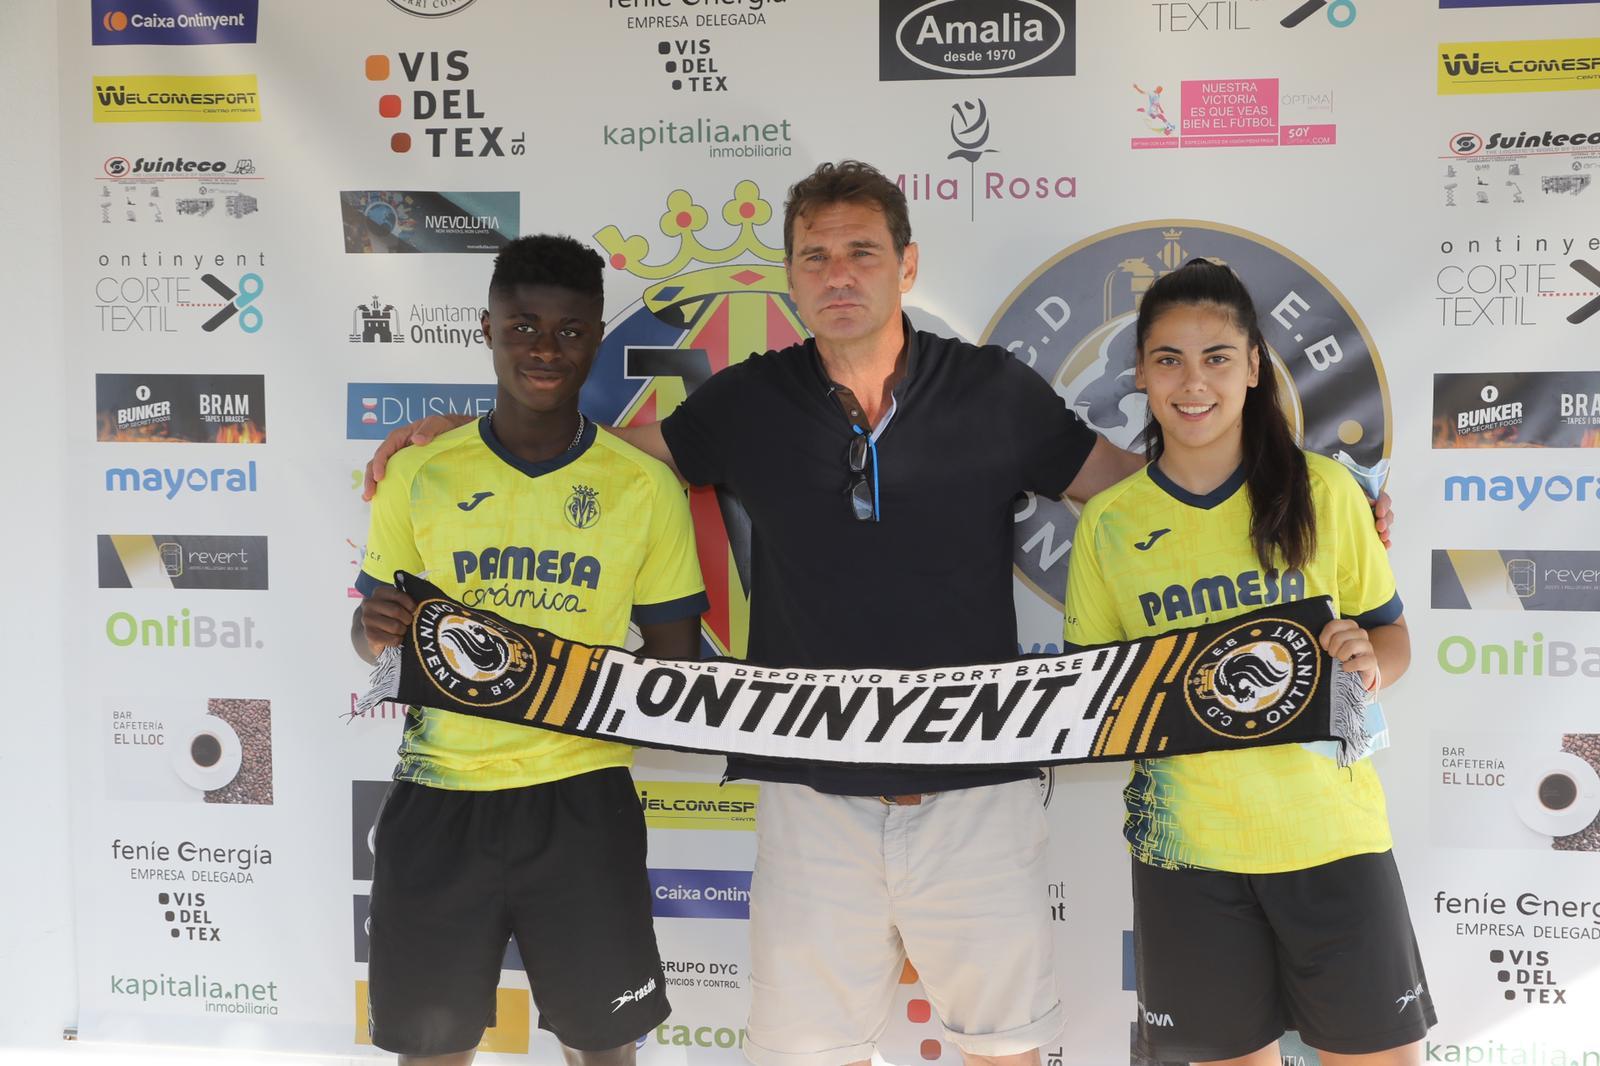 Seydouba i Nayala ja són del Vila-real CF gràcies al conveni amb els groguets